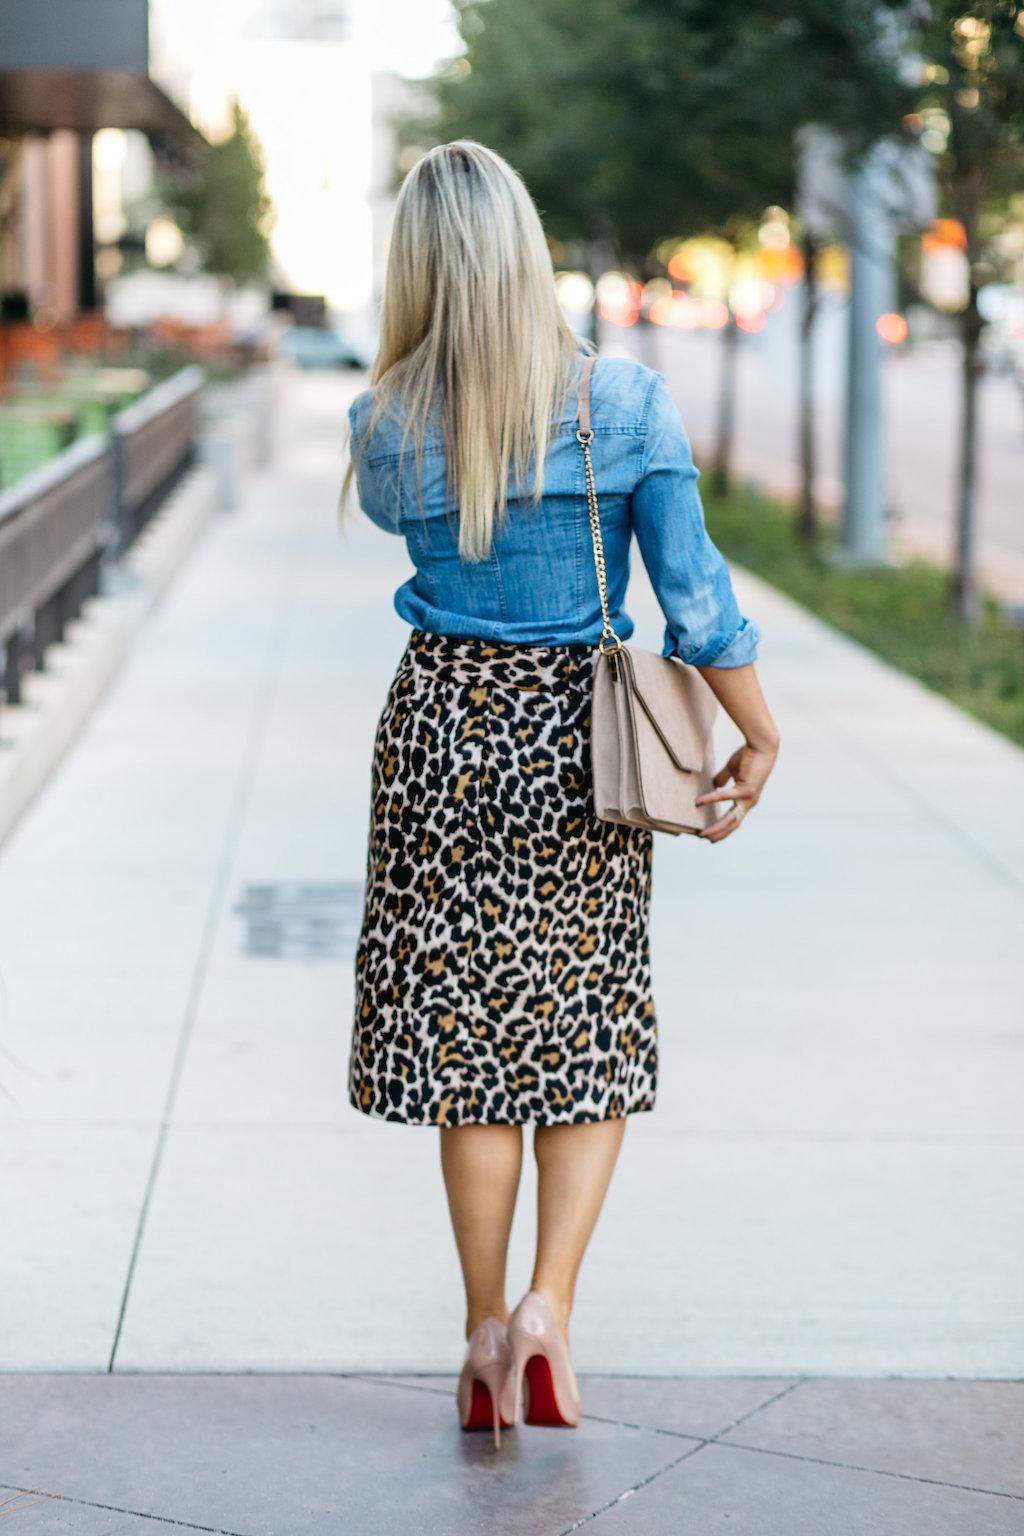 Leopard Skirt | Nude Heels